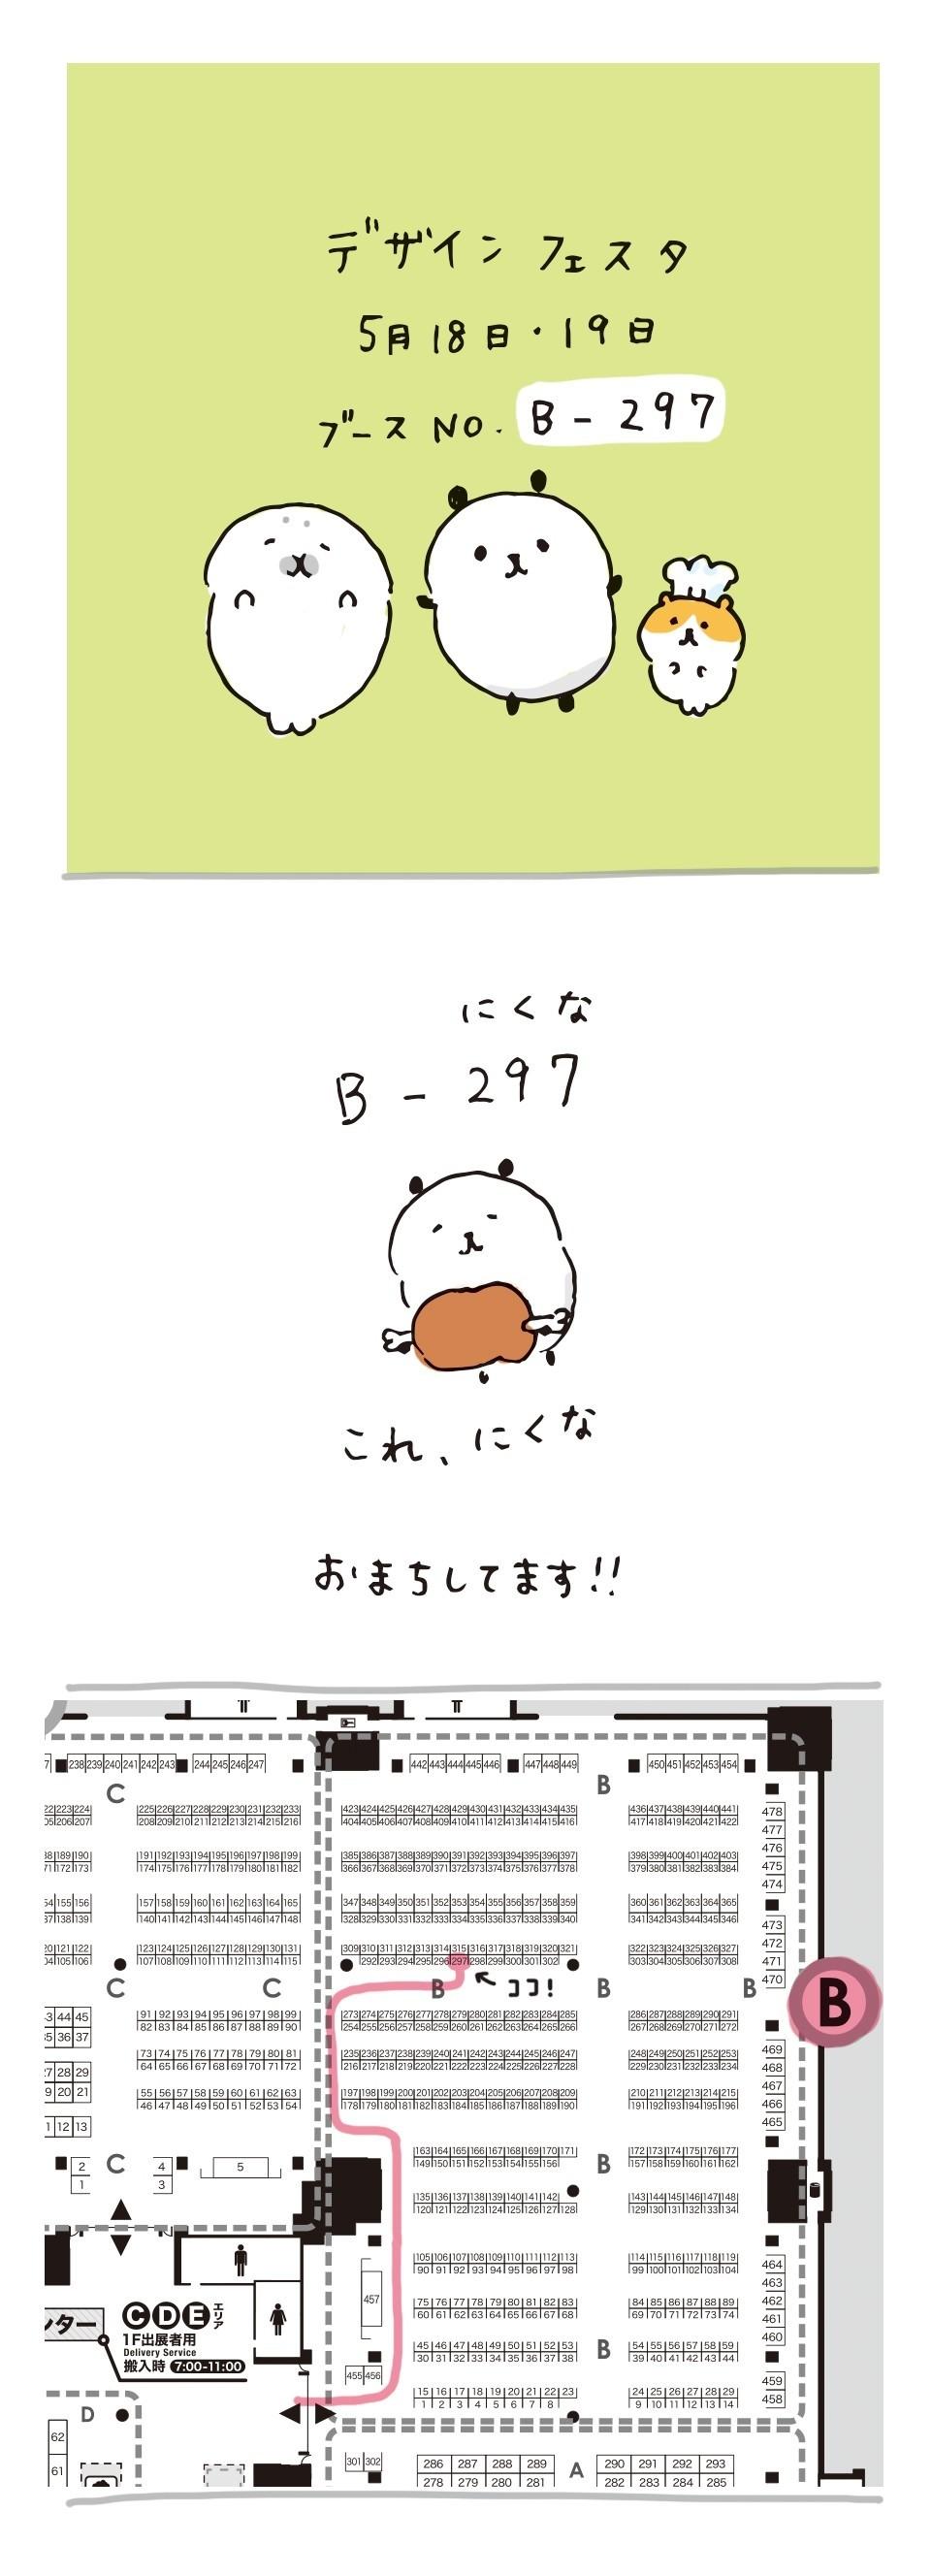 東京 デザインフェスタのブースが決まりました✨気付いたらもうあと1ヶ月半ほど…! お近くの方ぜひお立ち寄りください〜😊  #デザフェス #デザインフェスタ